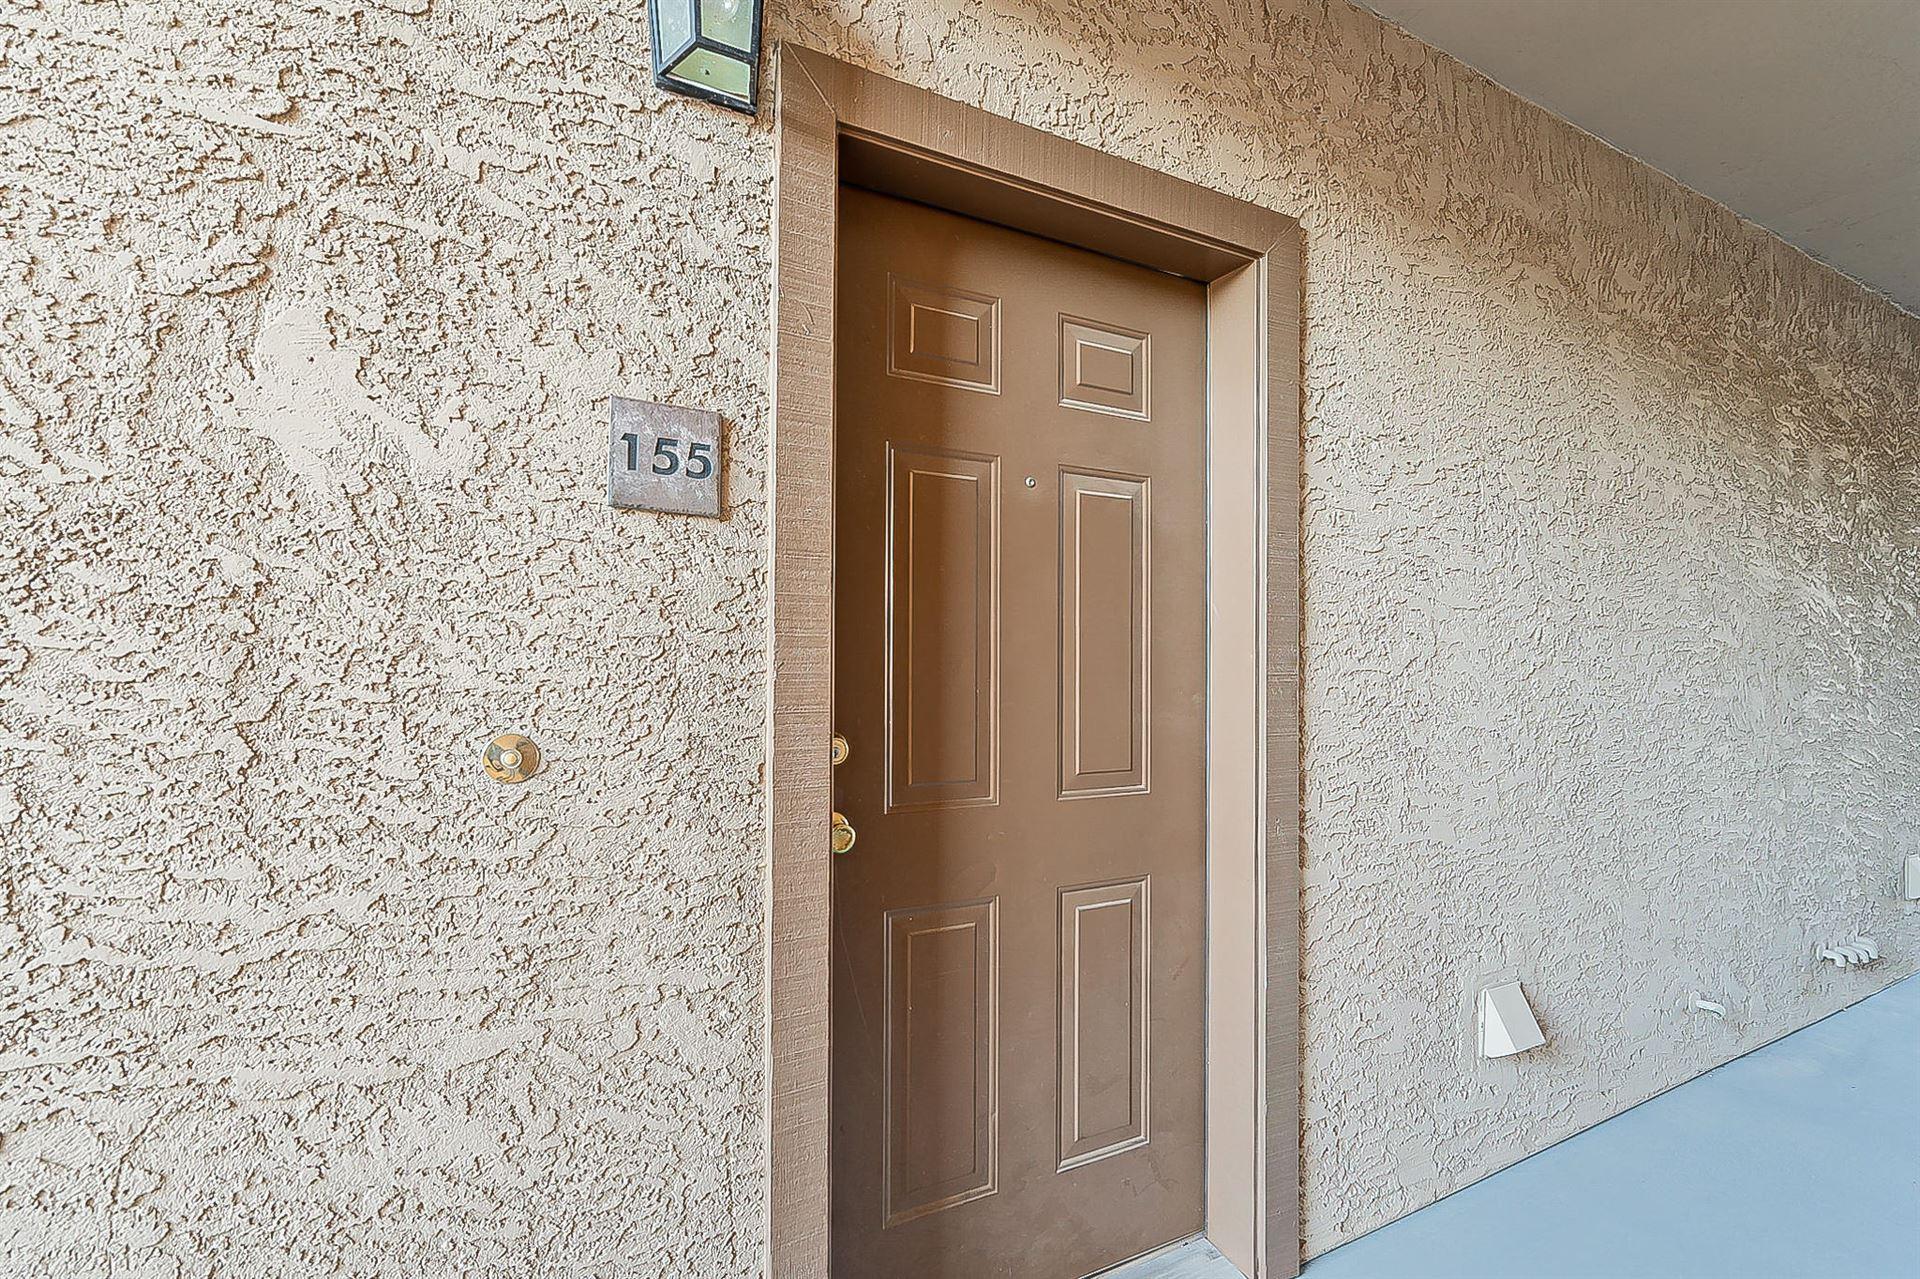 Photo of 13700 N FOUNTAIN HILLS Boulevard #155, Fountain Hills, AZ 85268 (MLS # 6234242)